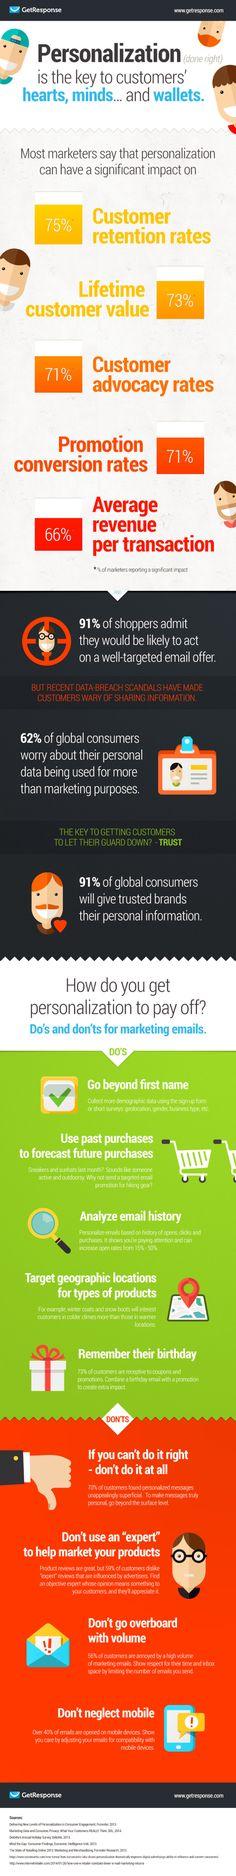 La personalización es la clave del marketing